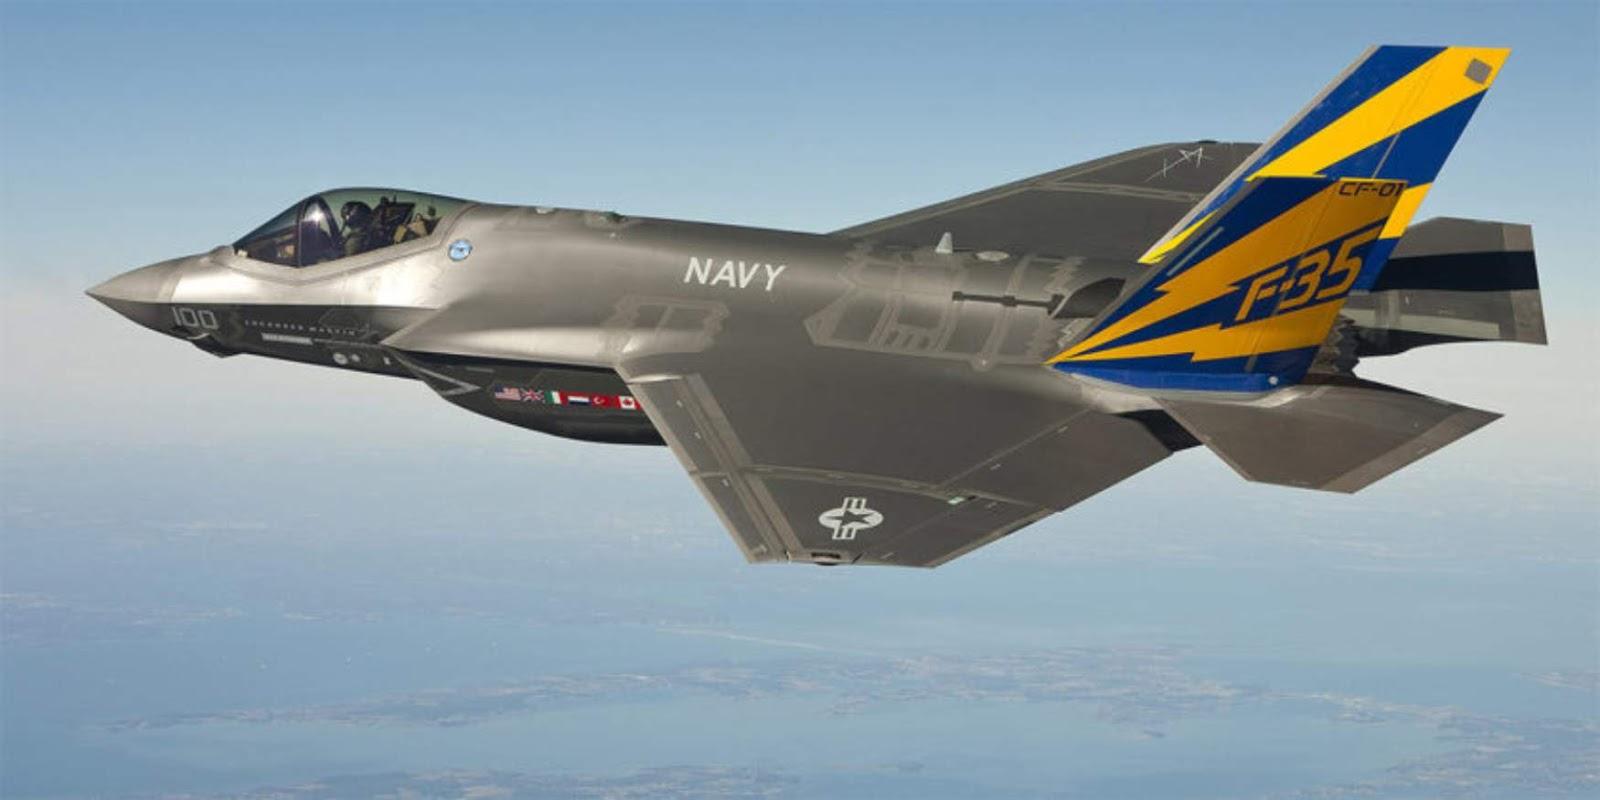 Pentagon telah menyetujui uji kinerja F-35 sebelum produksi massal